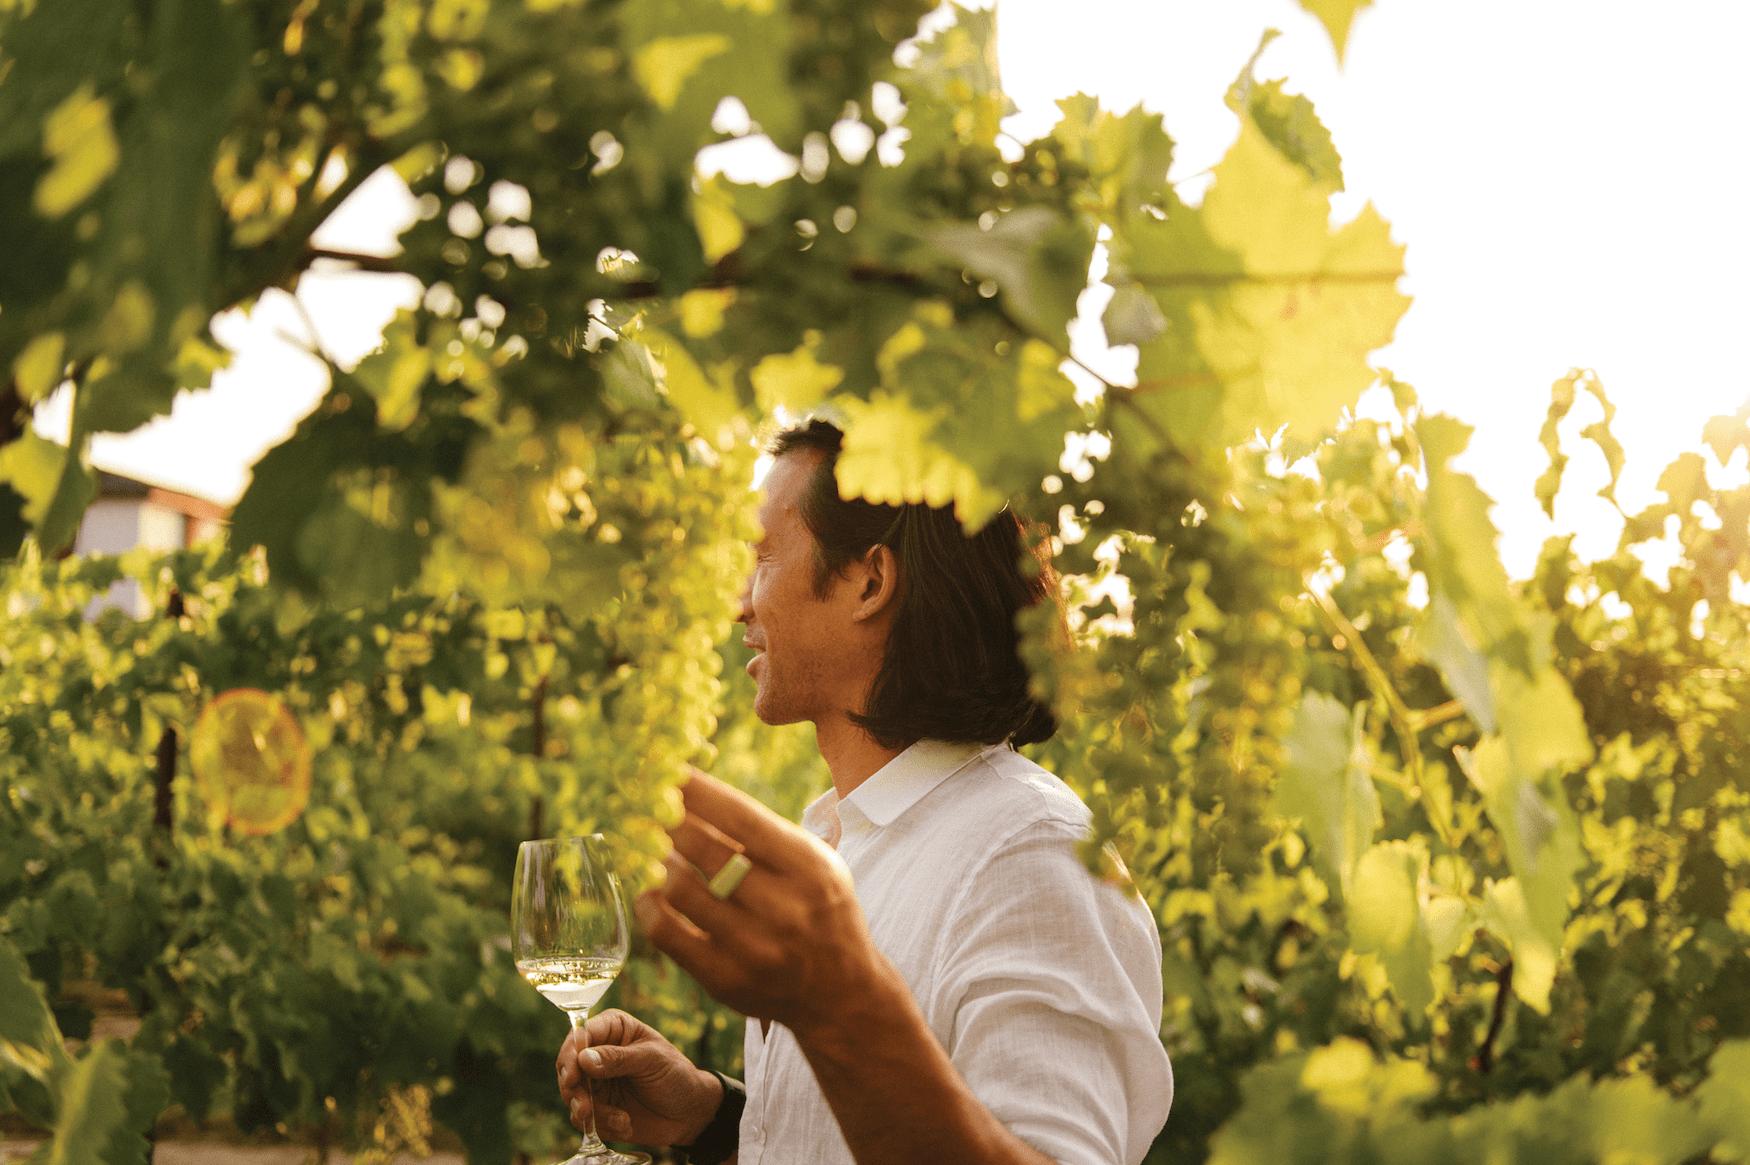 Mann mit Weinglas auf Weingut in Kanada